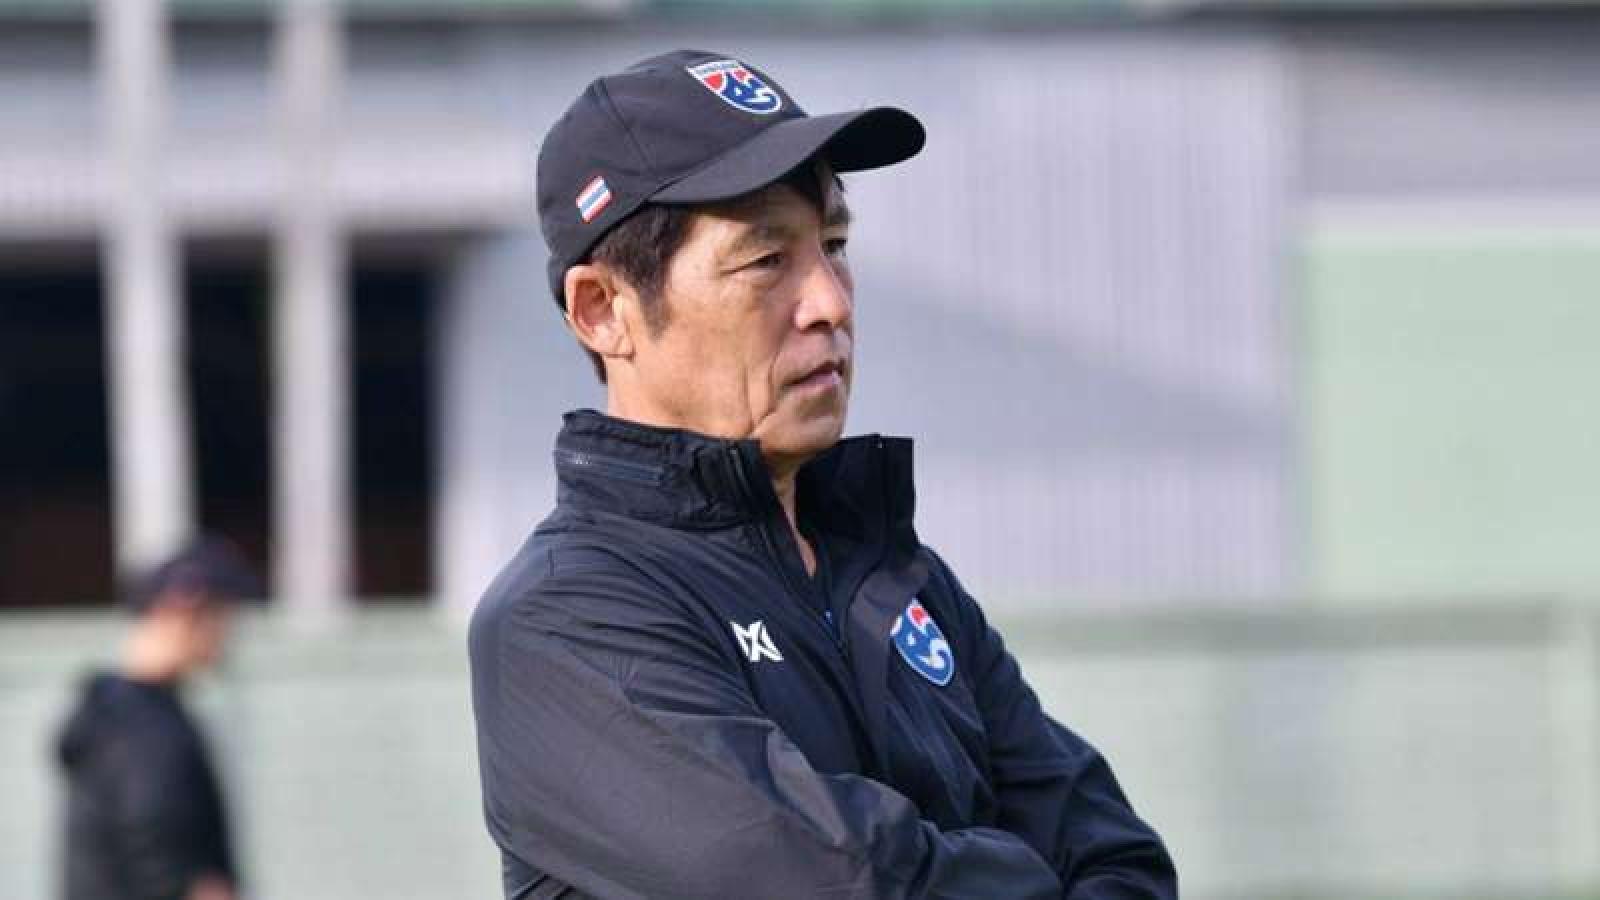 Đặt mục tiêu cao ở vòng loại World Cup & AFF Cup, ĐT Thái Lan tập trung giữa dịch Covid-19